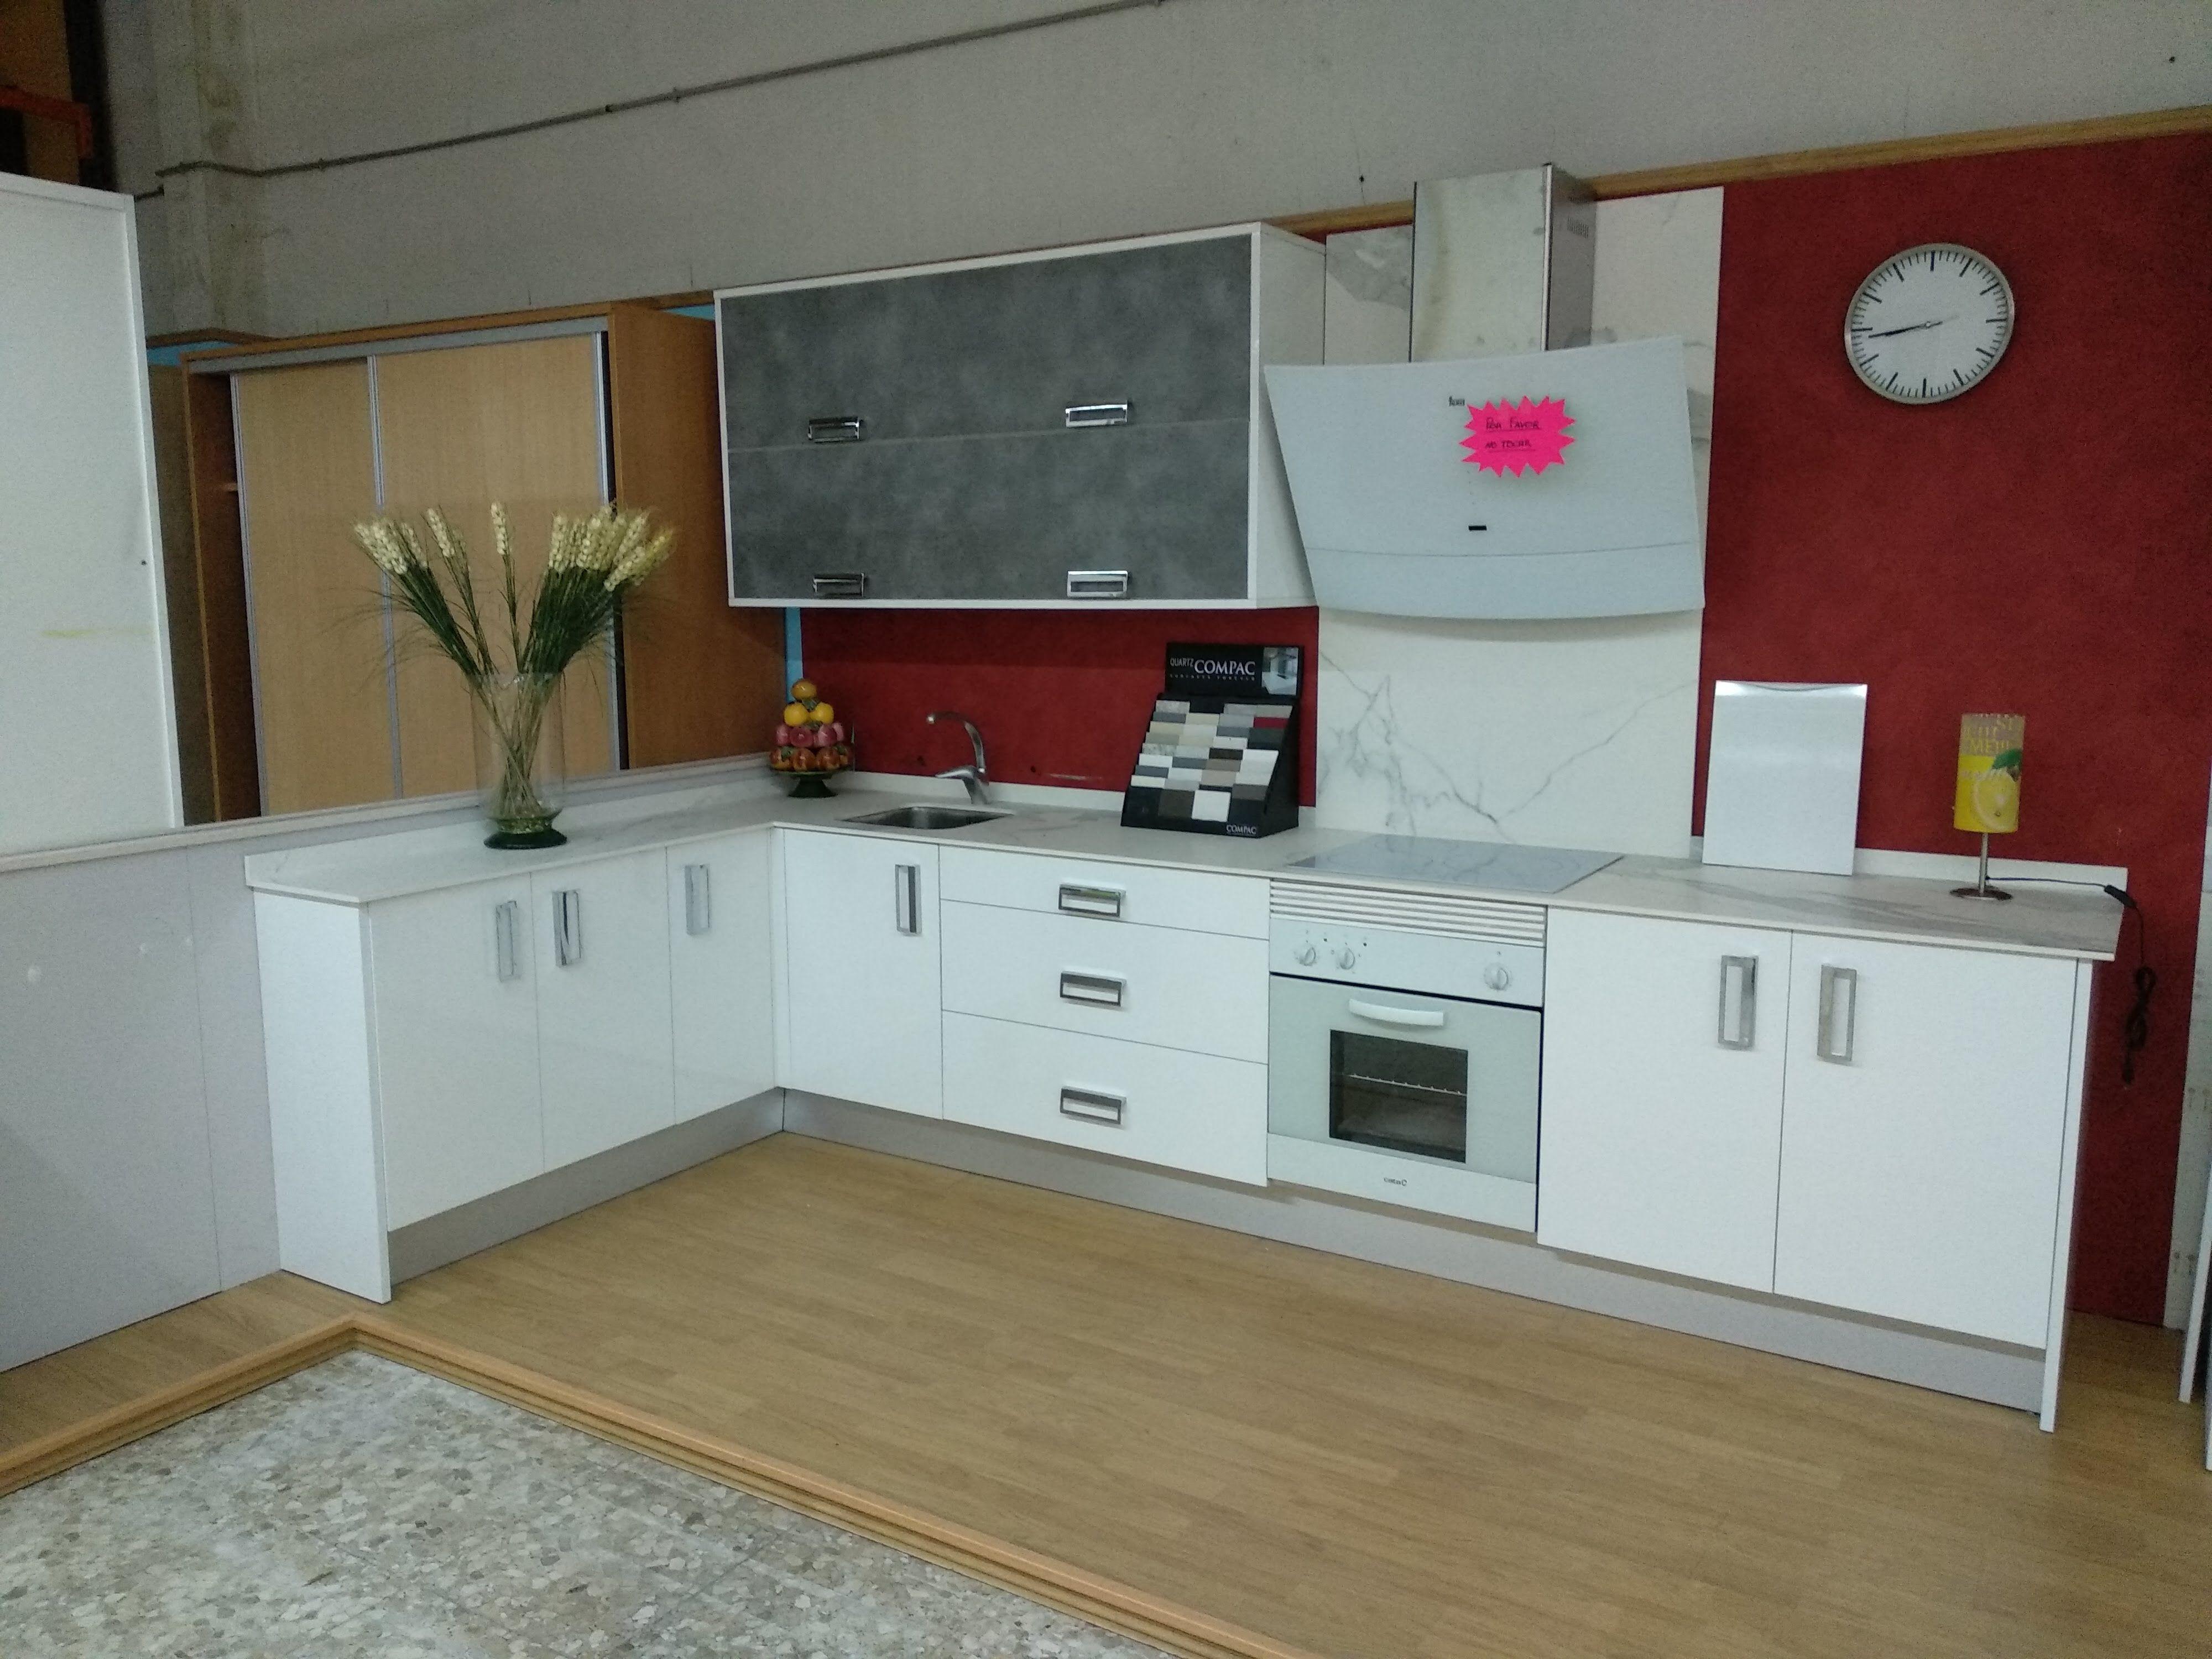 Venta de muebles de cocina en Fuenlabrada